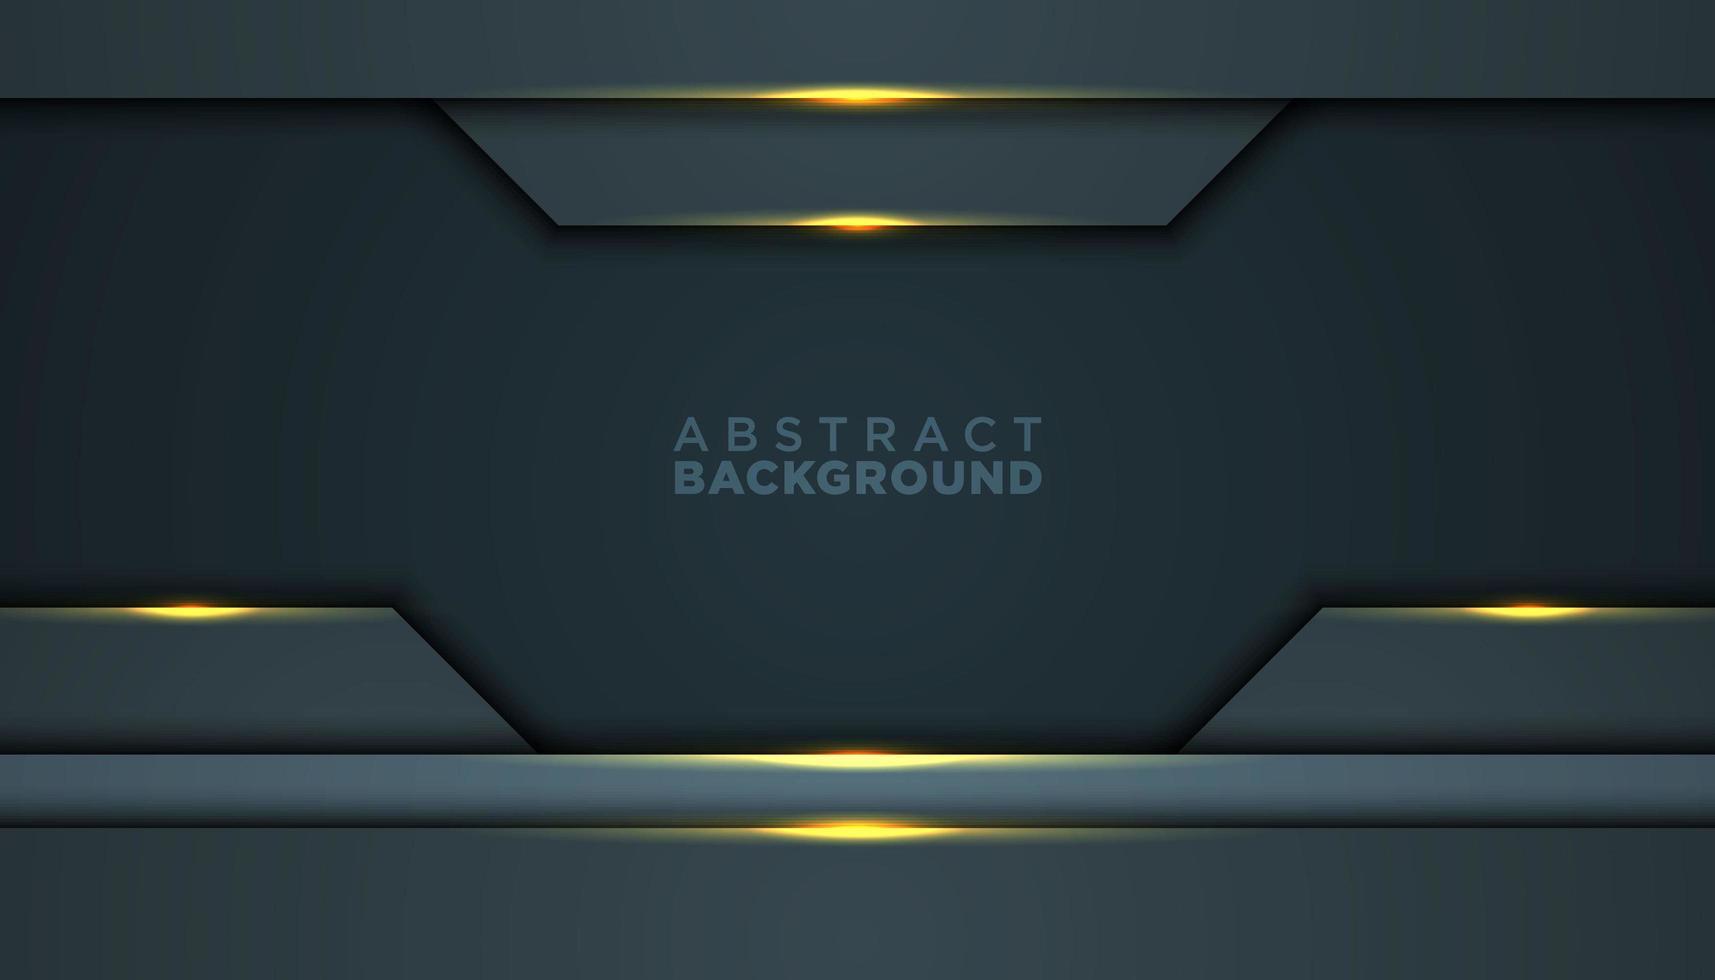 Fondo abstracto oscuro con capas y reflejos dorados vector